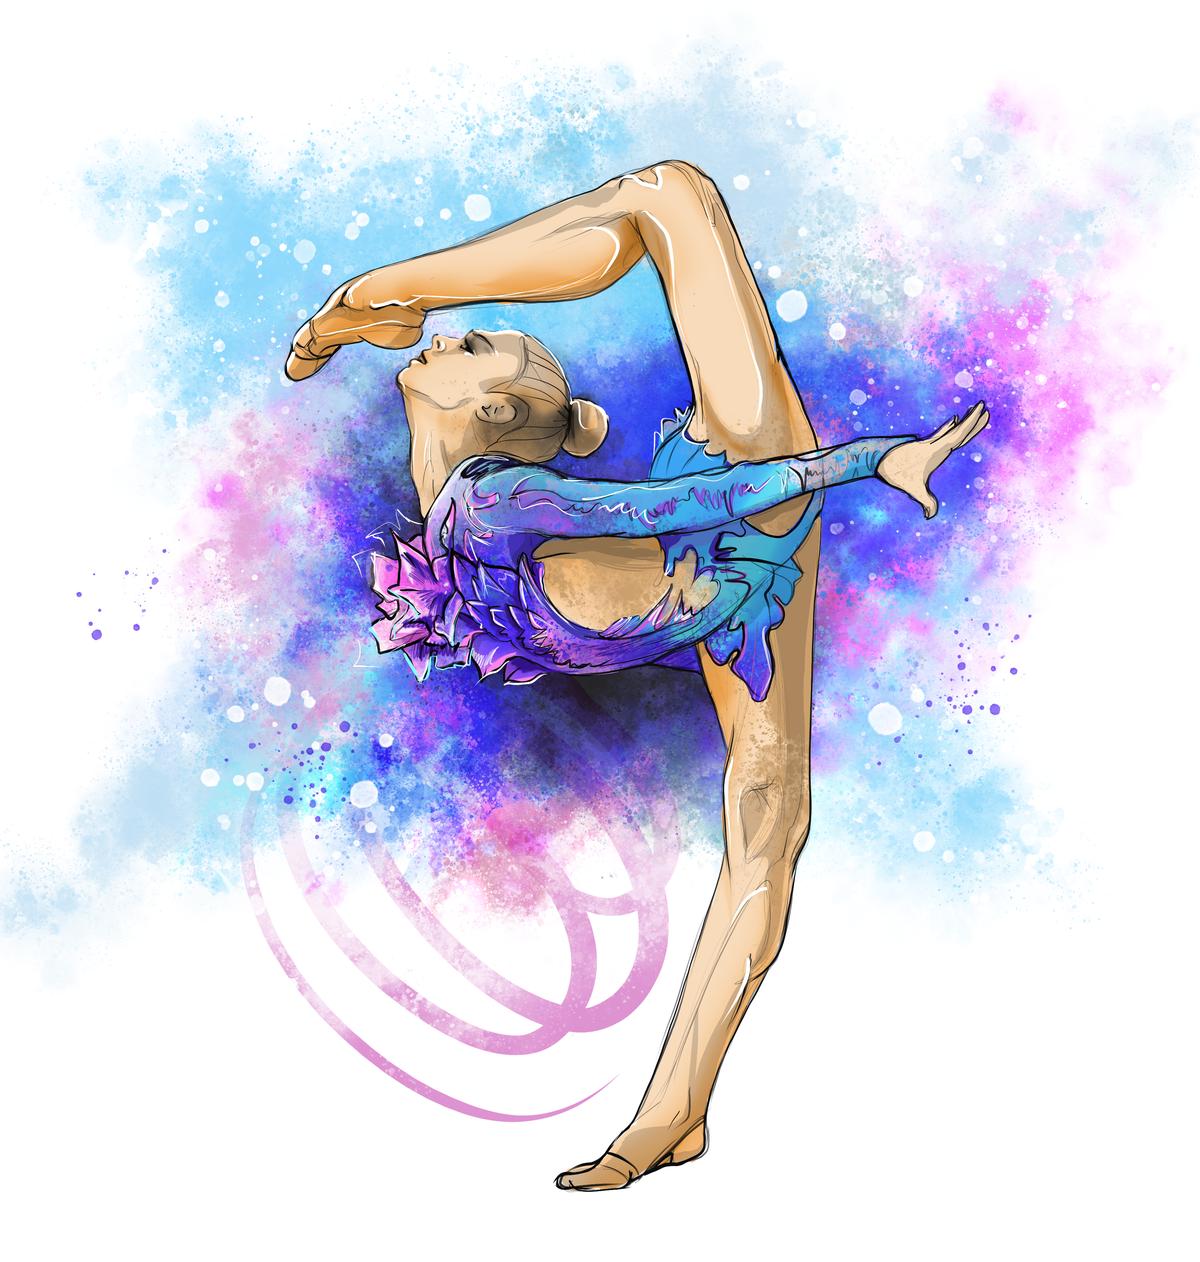 картинки с гимнасткой с с лентой для авы касается